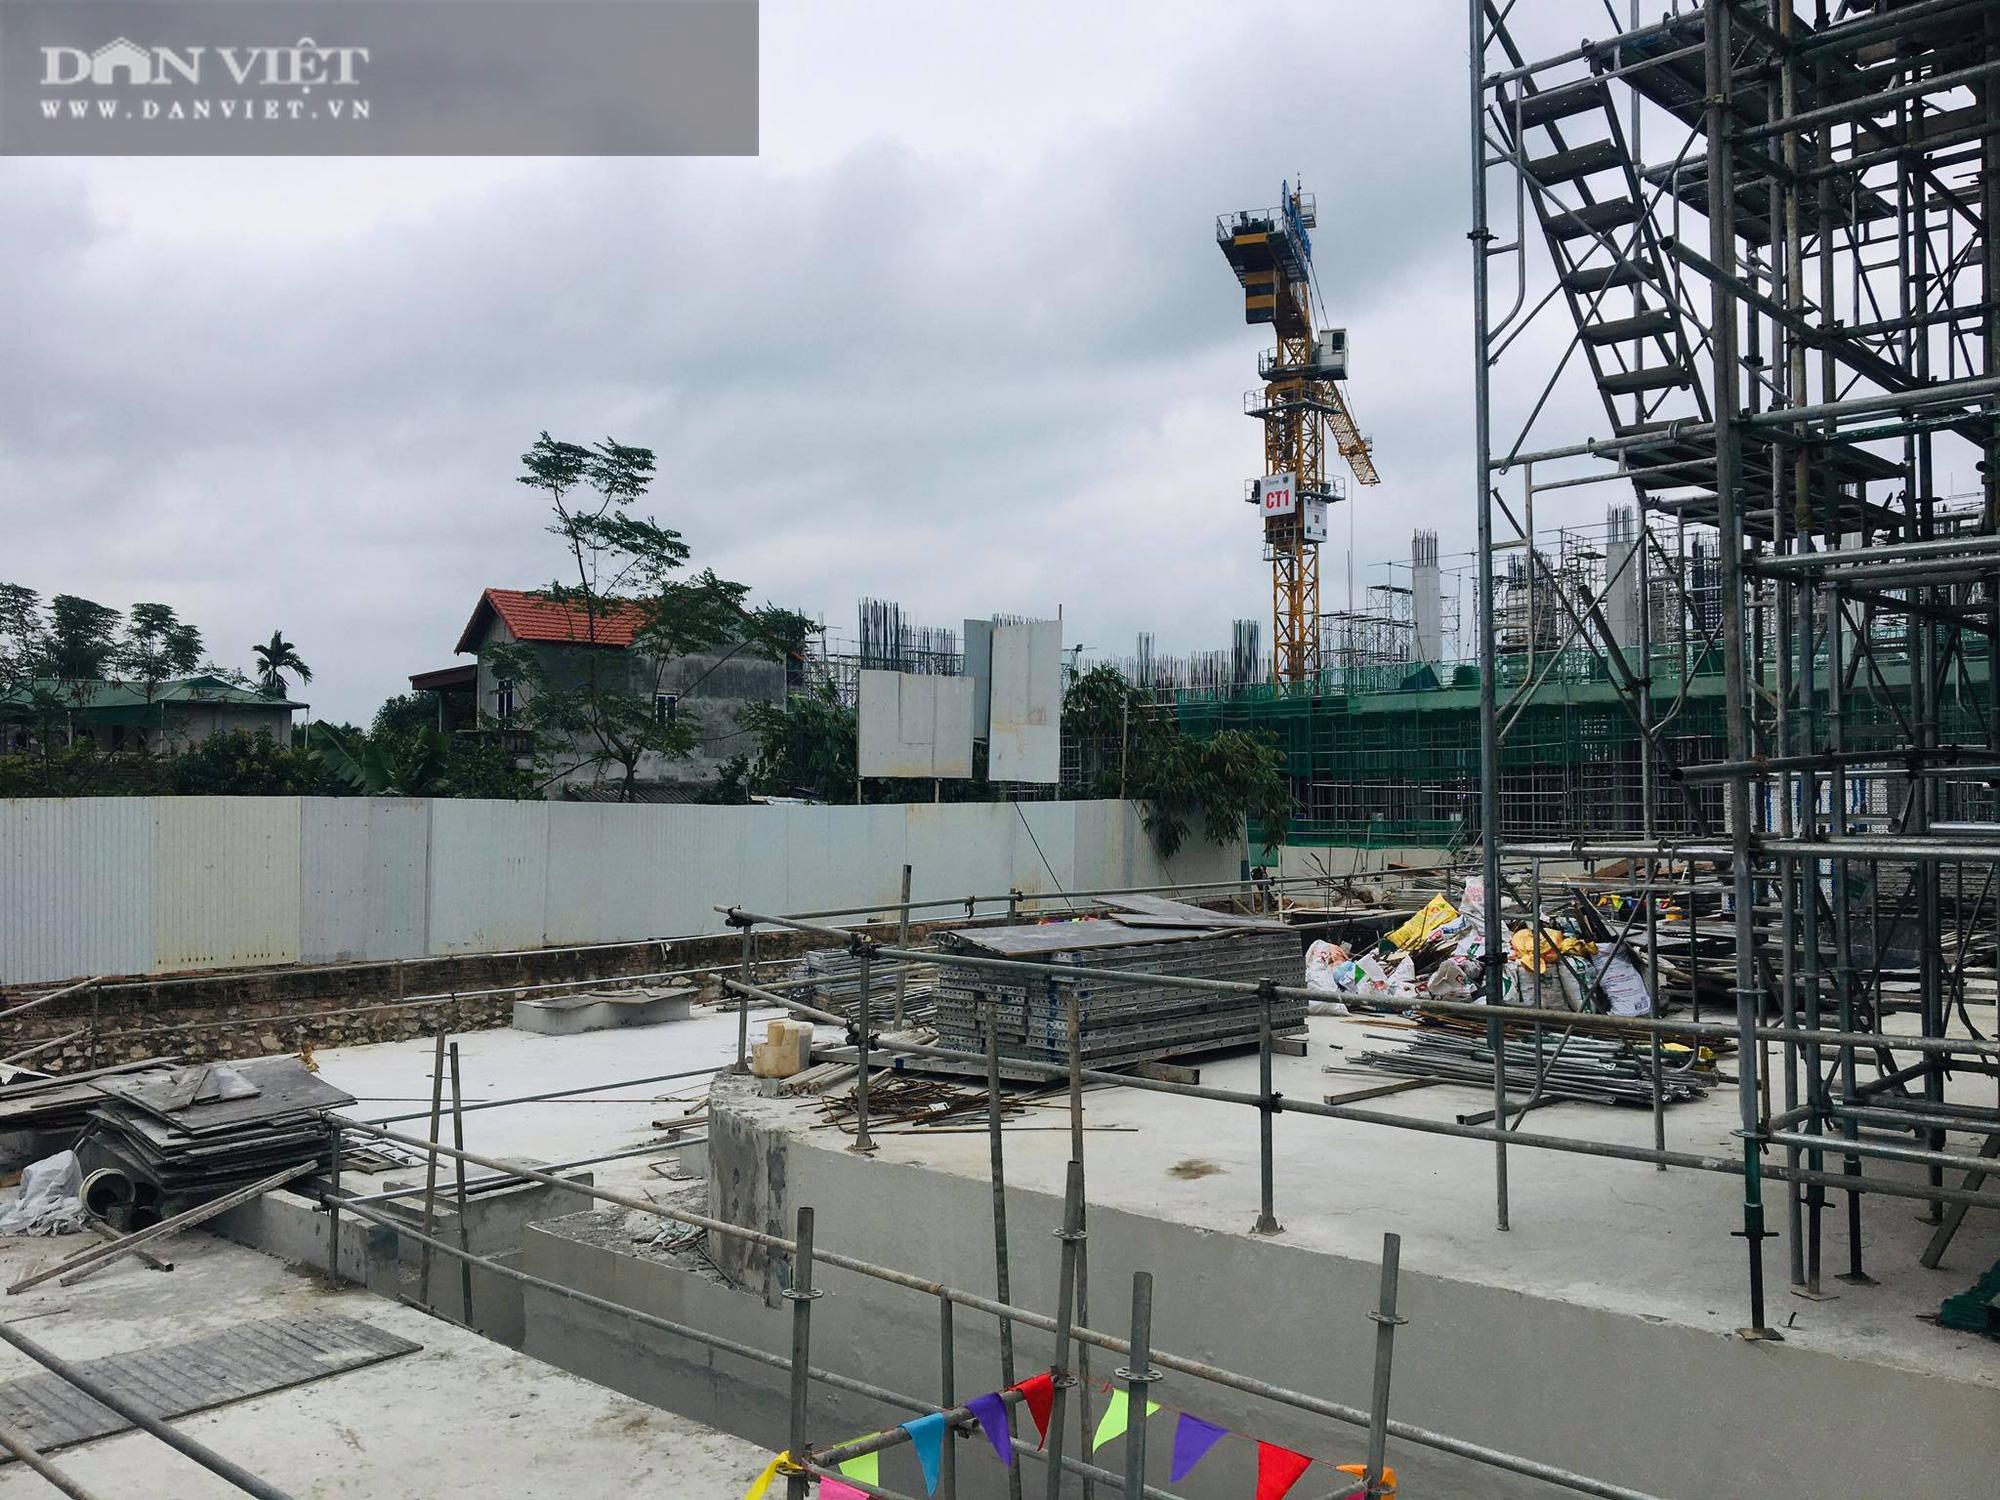 Phú Thọ: Dự án Whyndham từ giao bán trái phép, chưa có đánh giá ĐTM và hơn 10 nhà dân bị nứt - Ảnh 1.